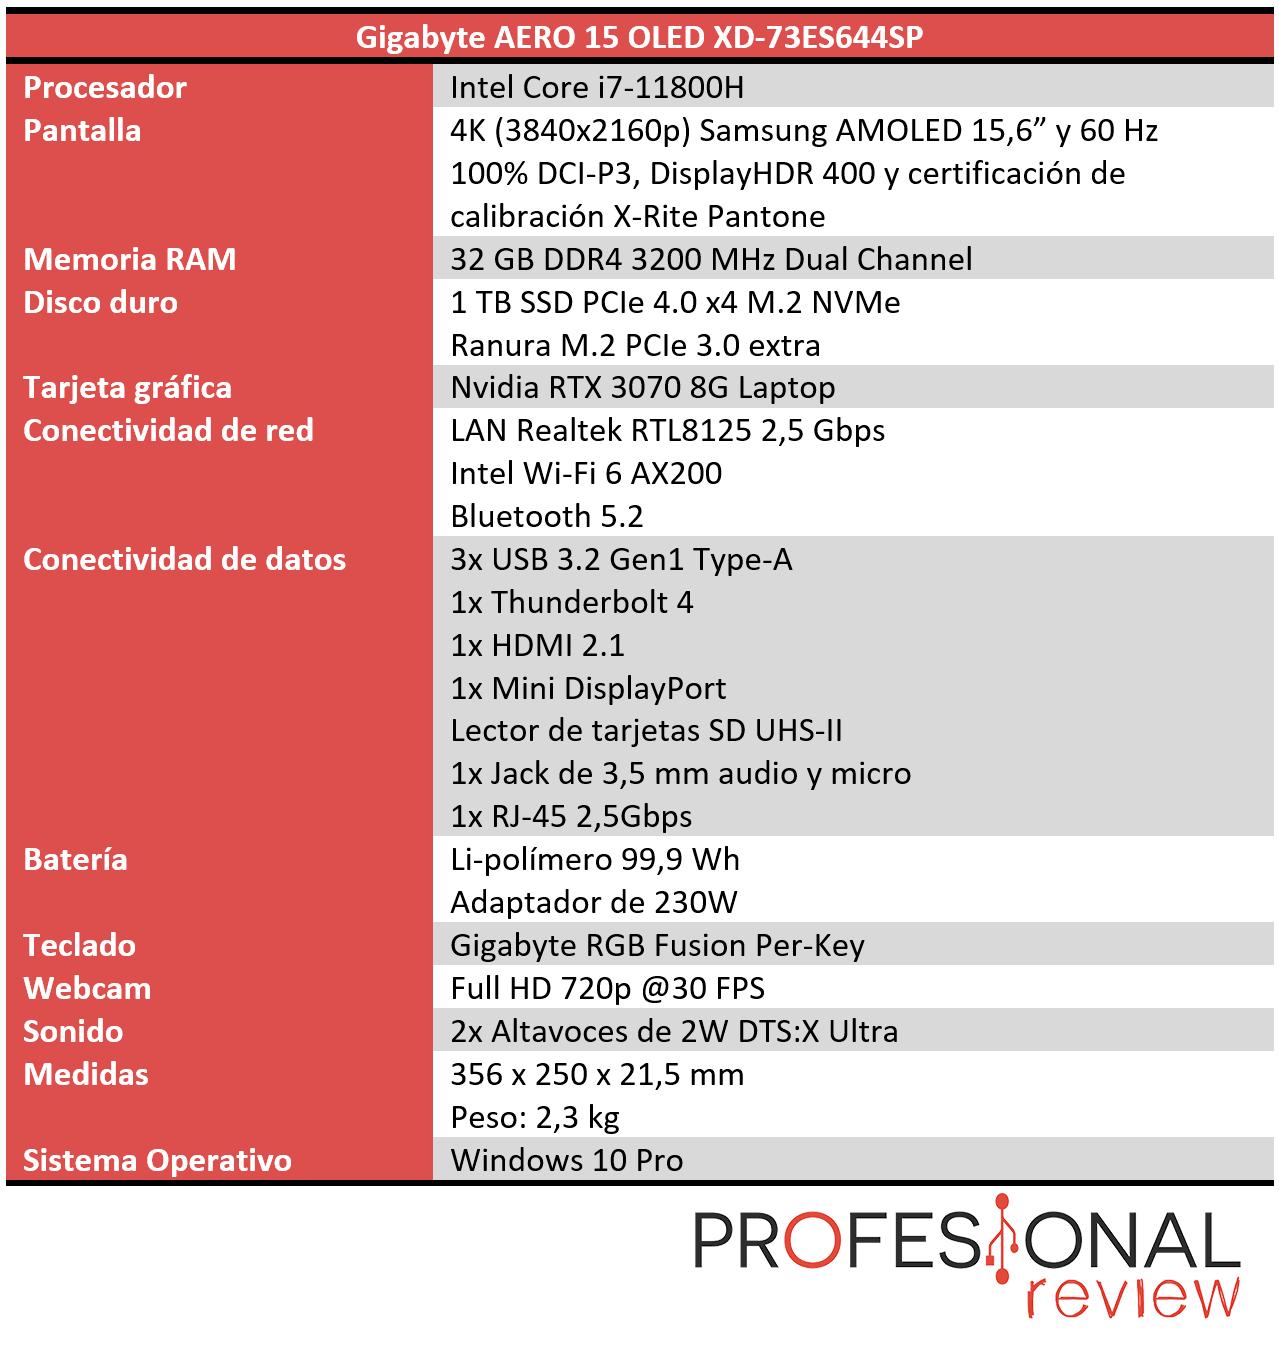 Gigabyte AERO 15 OLED XD Características